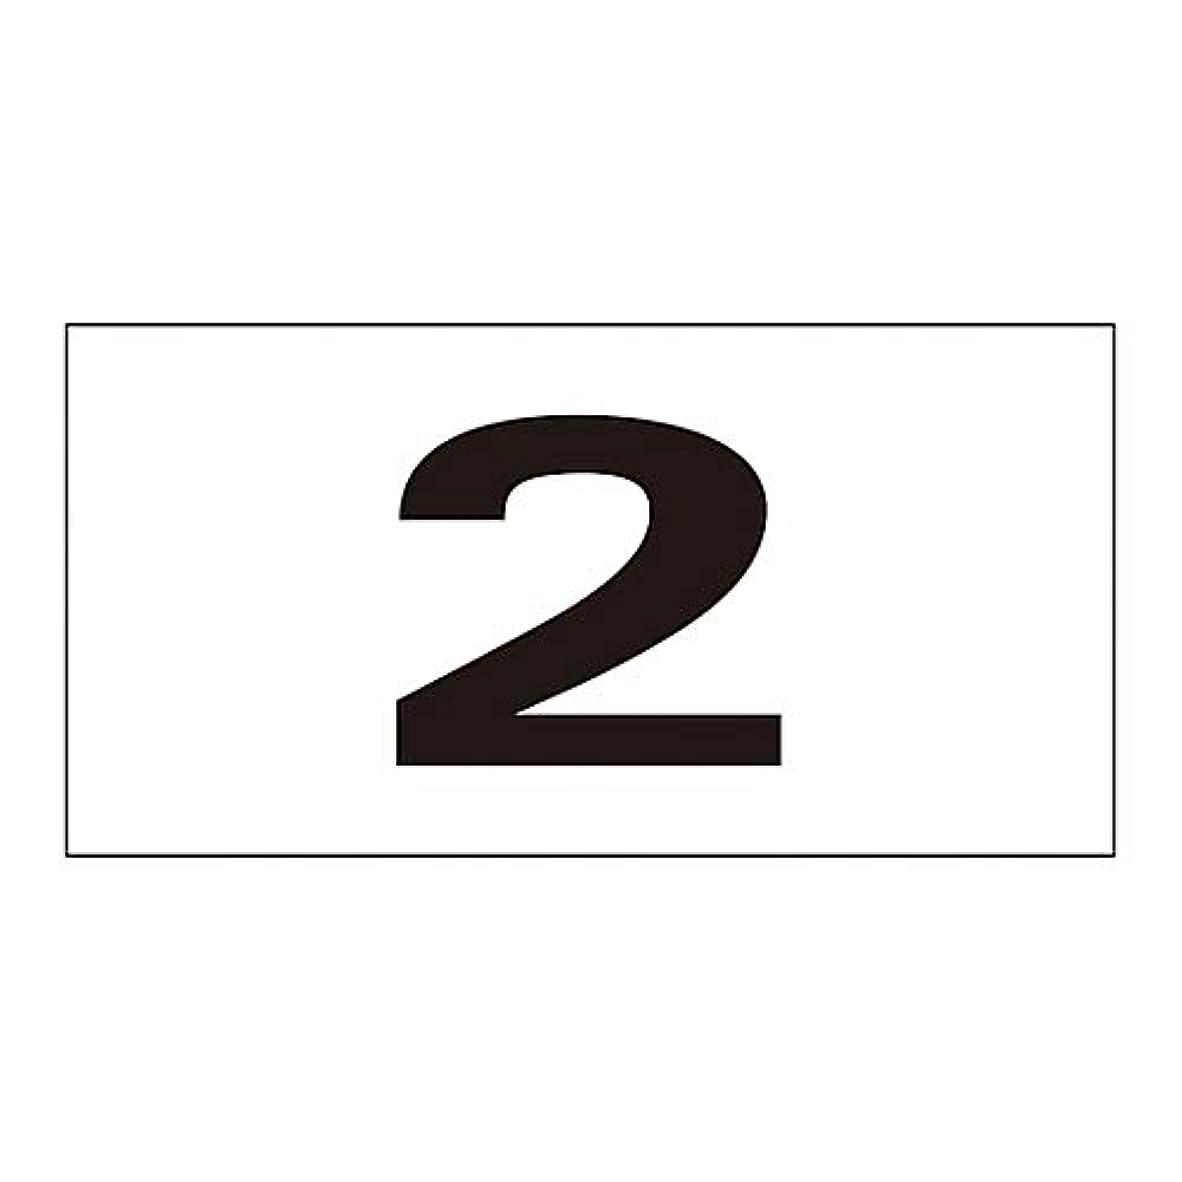 居眠りする池抱擁連番ステッカー 連番-1(中)/61-3414-27